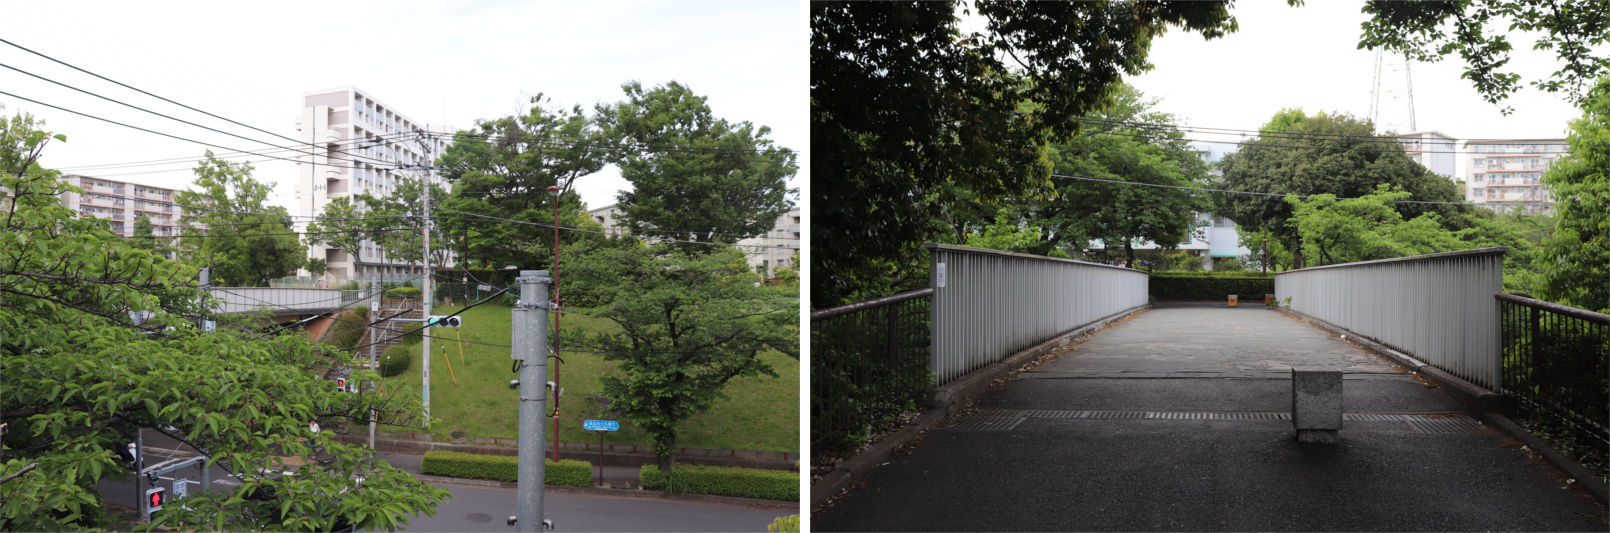 [多摩NTの橋ぜんぶ撮影PJ] No.86~90 瓜生地区の橋_a0332275_00260739.jpg